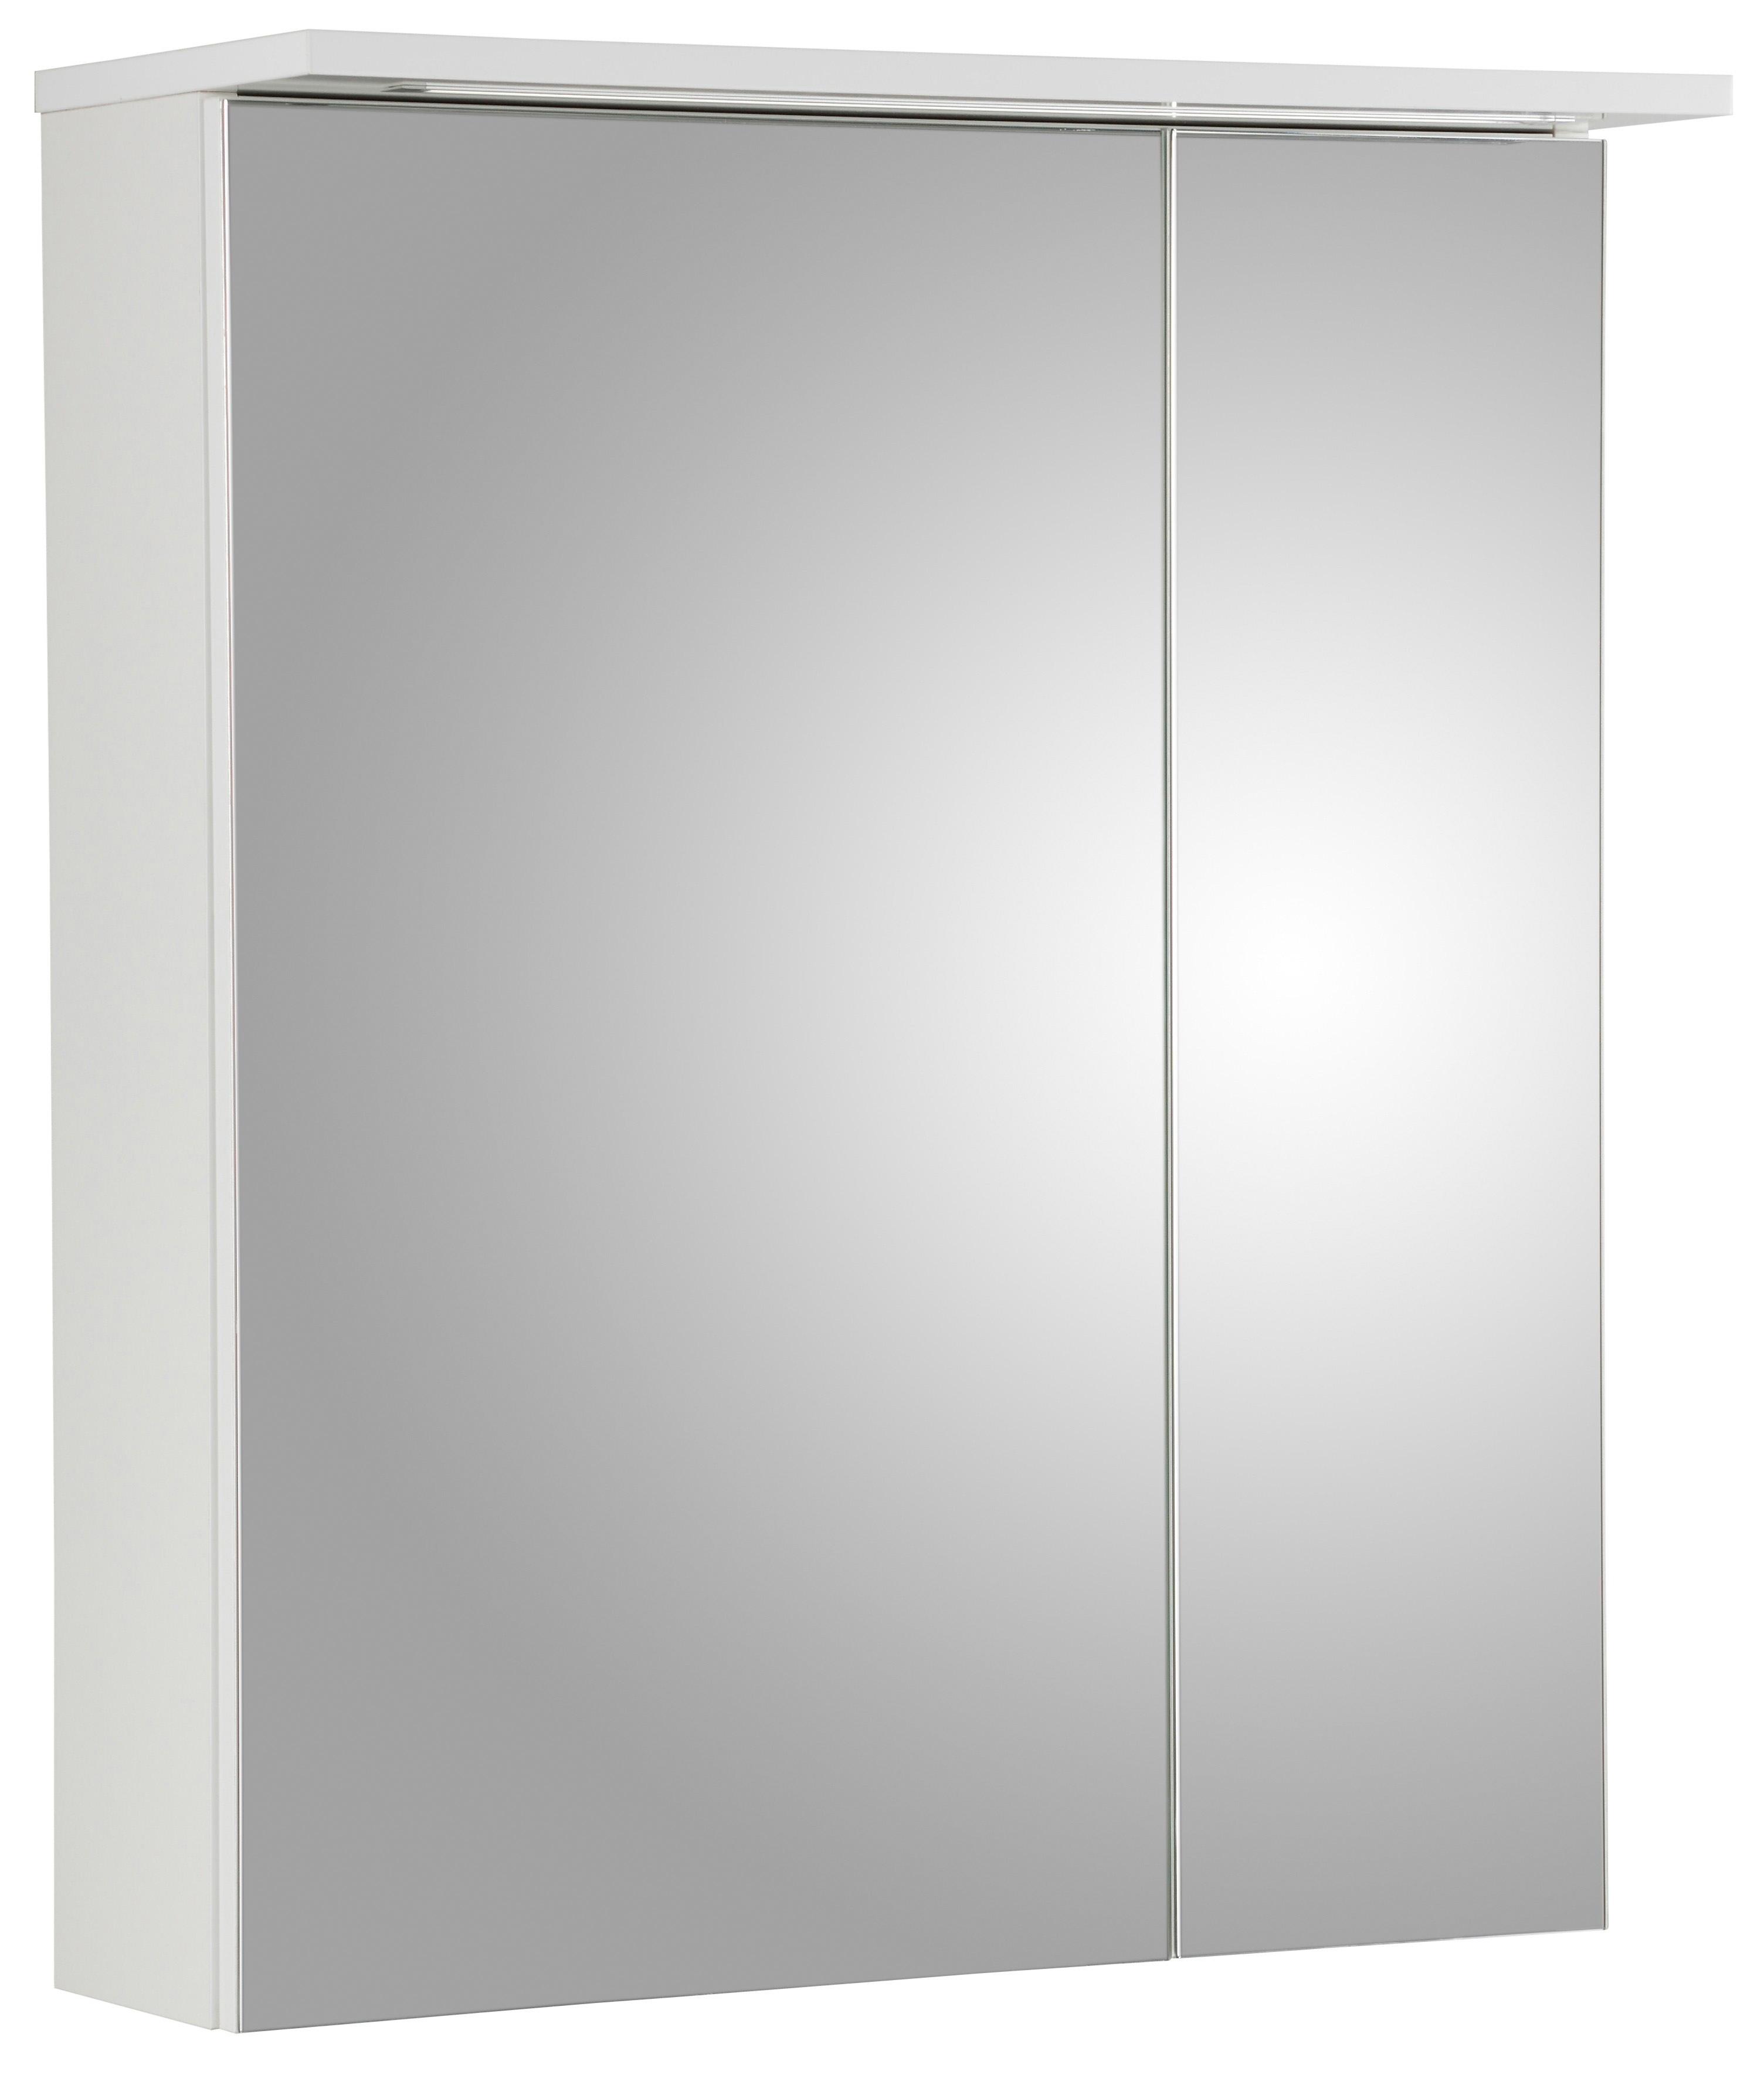 Schildmeyer Spiegelkast Profiel 16 Breedte 60 cm, 2-deurs, verzonken ledverlichting, schakelaar-/stekkerdoos, glasplateaus, Made in Germany - verschillende betaalmethodes